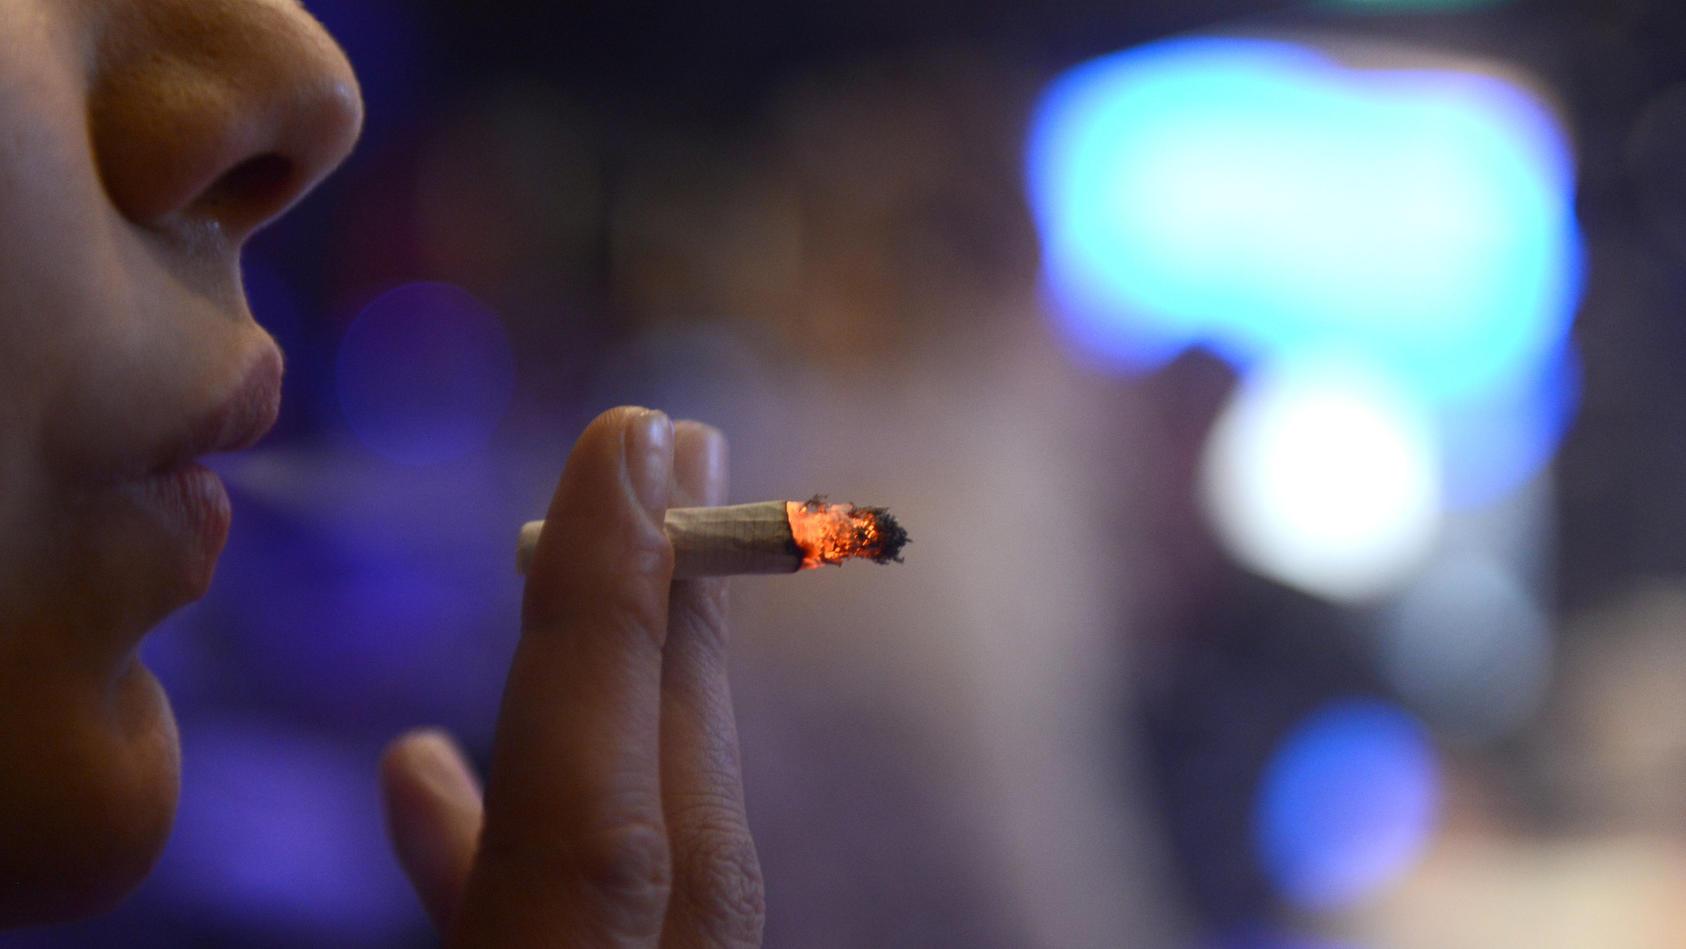 Raucher entwickeln häufiger eine Depression als Nichtraucher und Depressive neigen eher zum Rauchen.